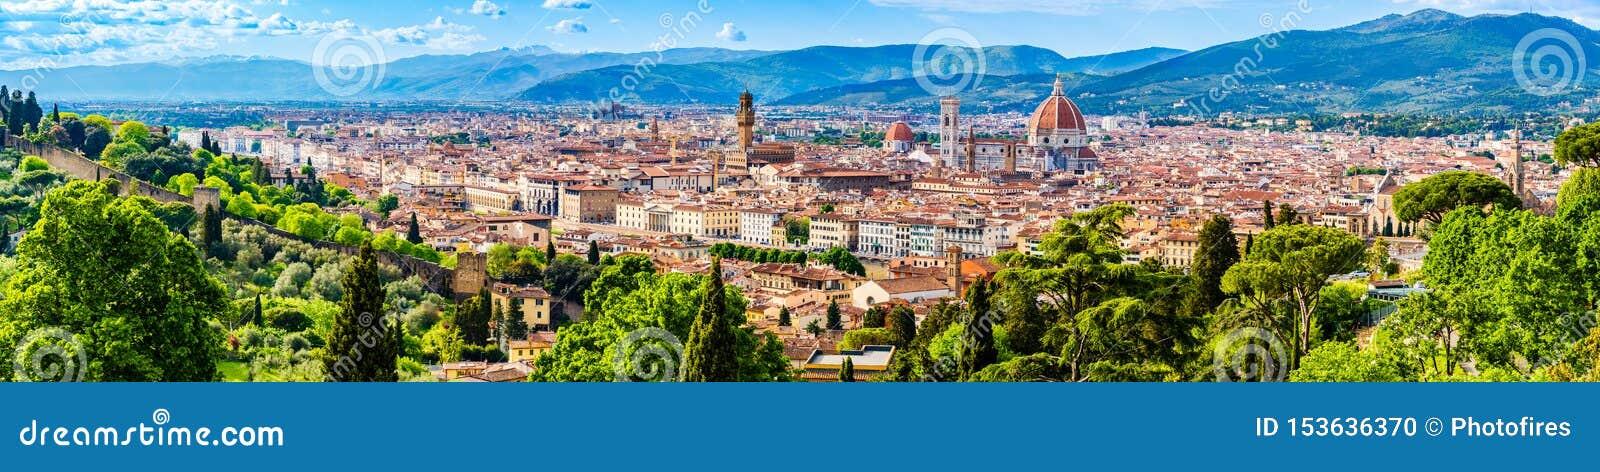 Panorama da cidade velha, catedral de Santa Maria del Fiore, a abóbada de Brunelleschi, torre de sino de Giotto, um patrimônio mu